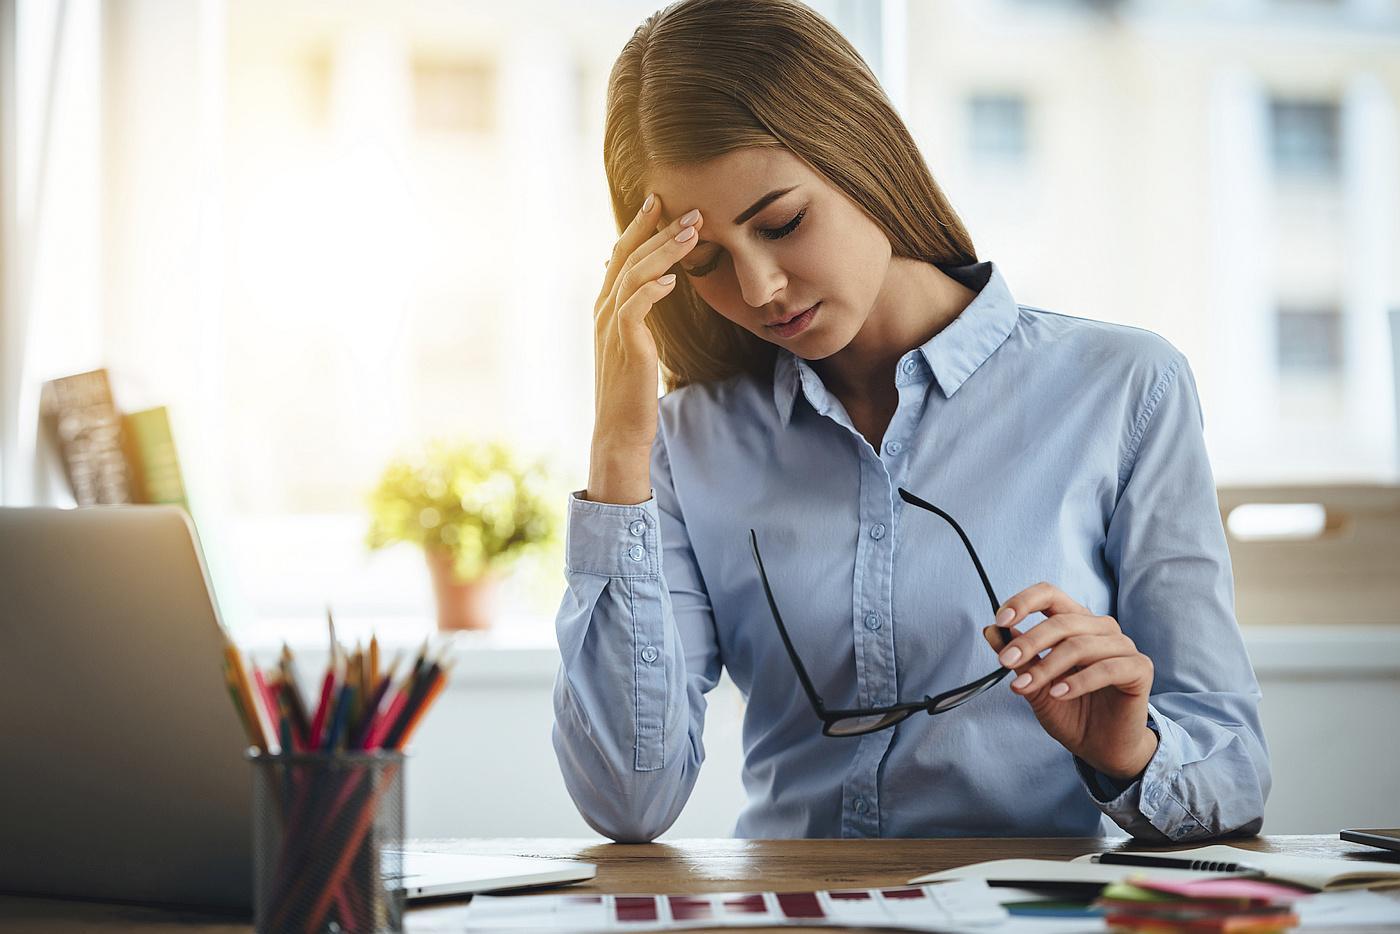 """Događa li vam se često da ste neproduktivni ili da neprestano """"skačete"""" s jedne na drugu stvar? Možda ste žrtva neke od ovih navika."""